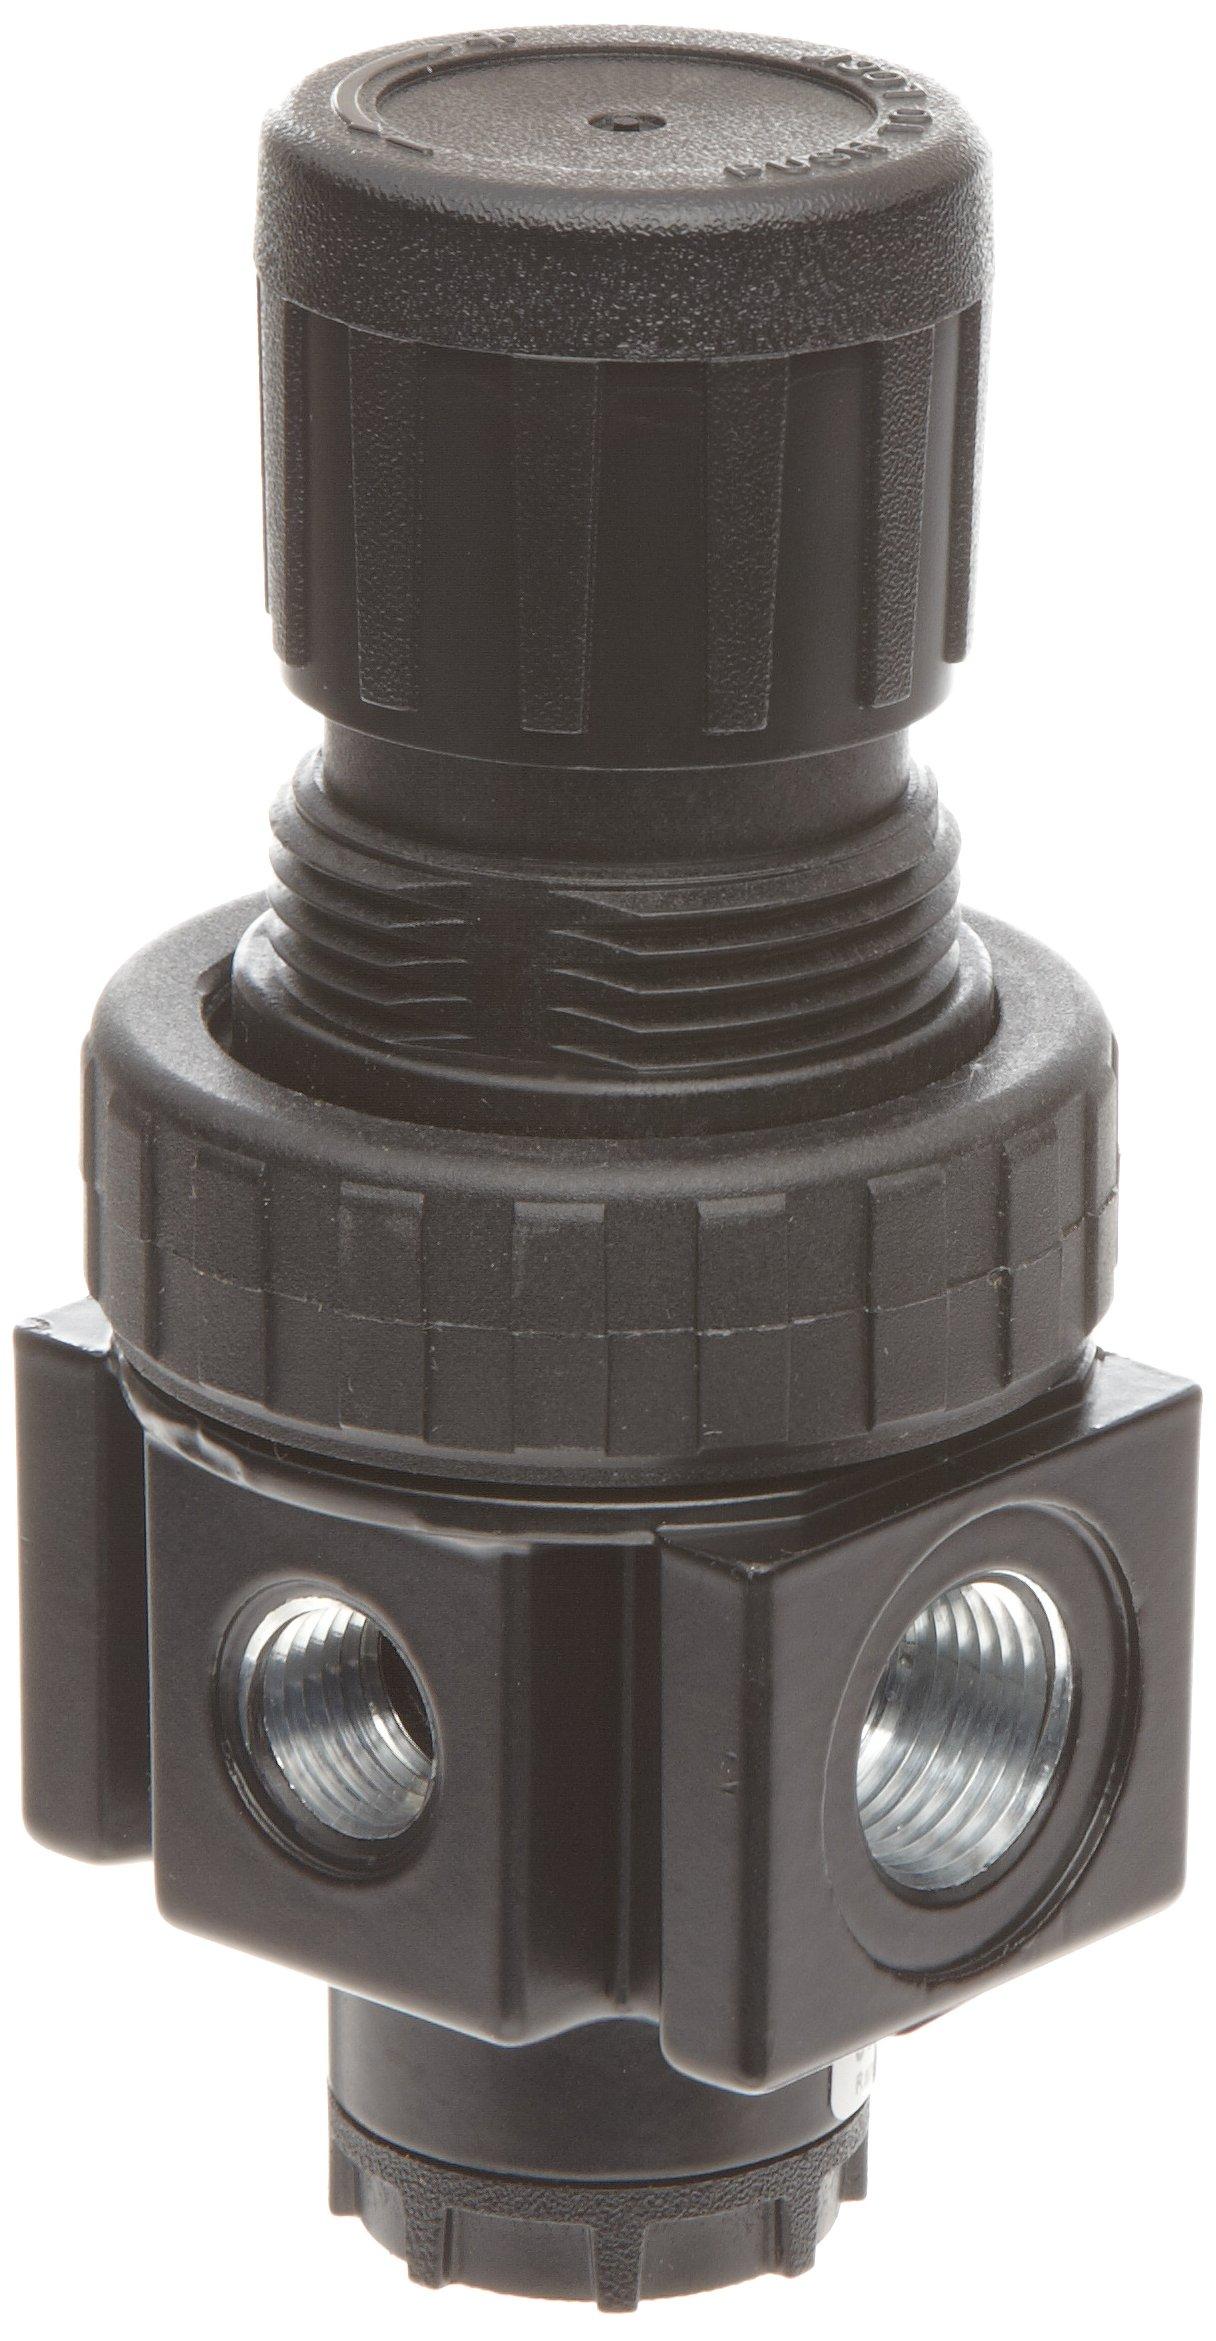 Parker 05R213AD Regulator, Relieving Type, 2-125 psi Pressure Range, No Gauge, 40 scfm, 3/8'' NPT by Parker